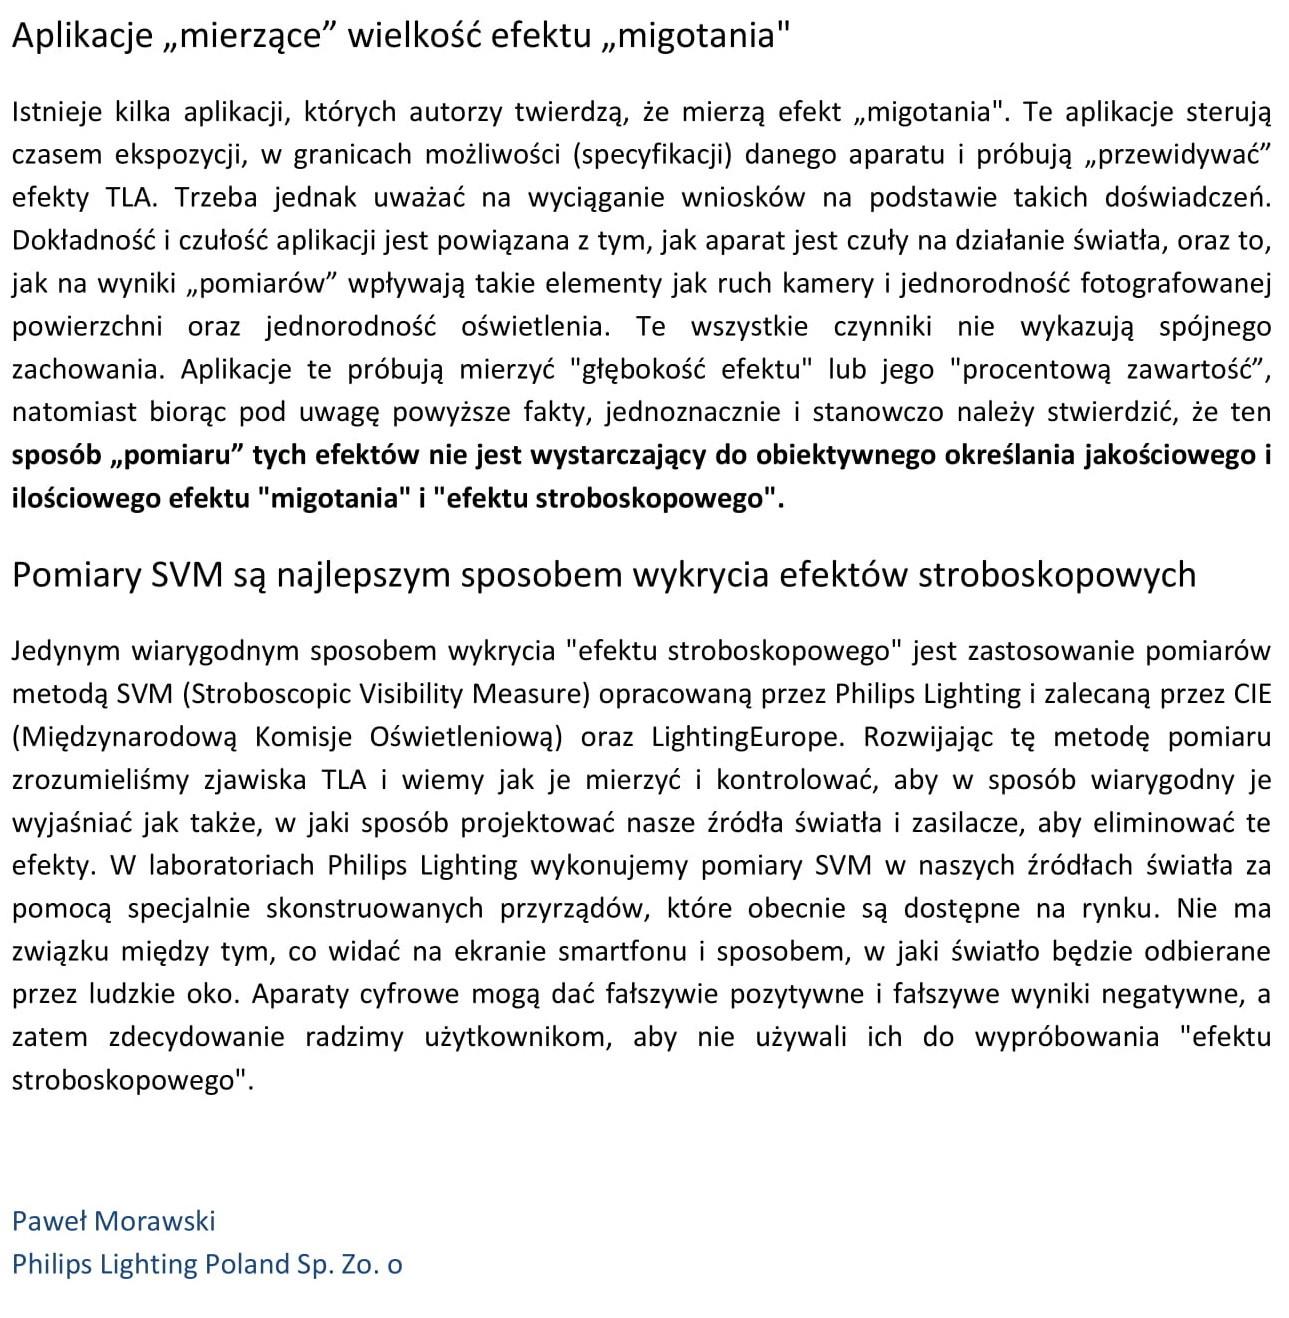 Smartfony Migotanie i Efekt stroboskopowy-3